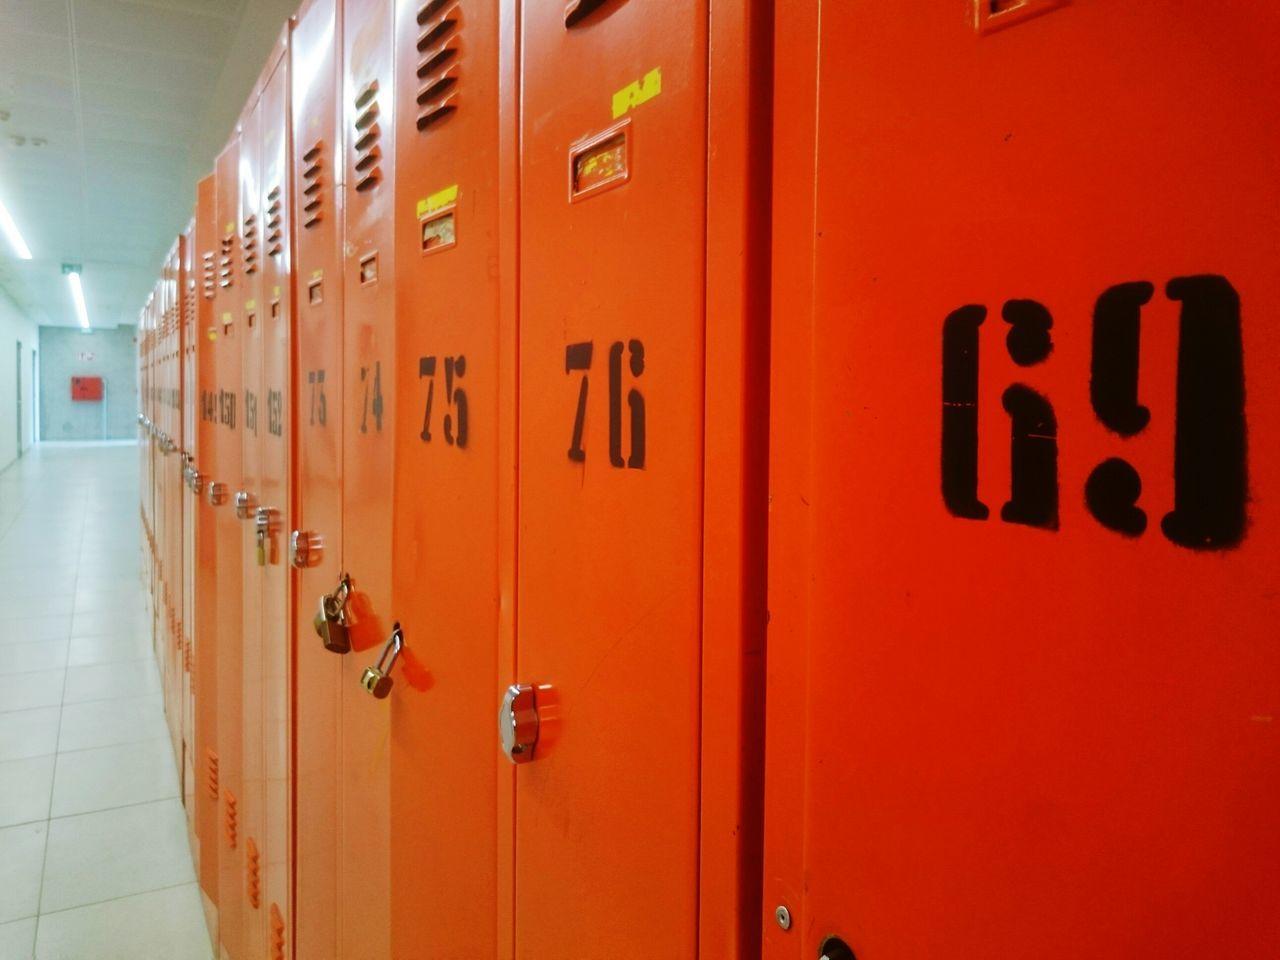 Orange Lockers In Illuminated Room